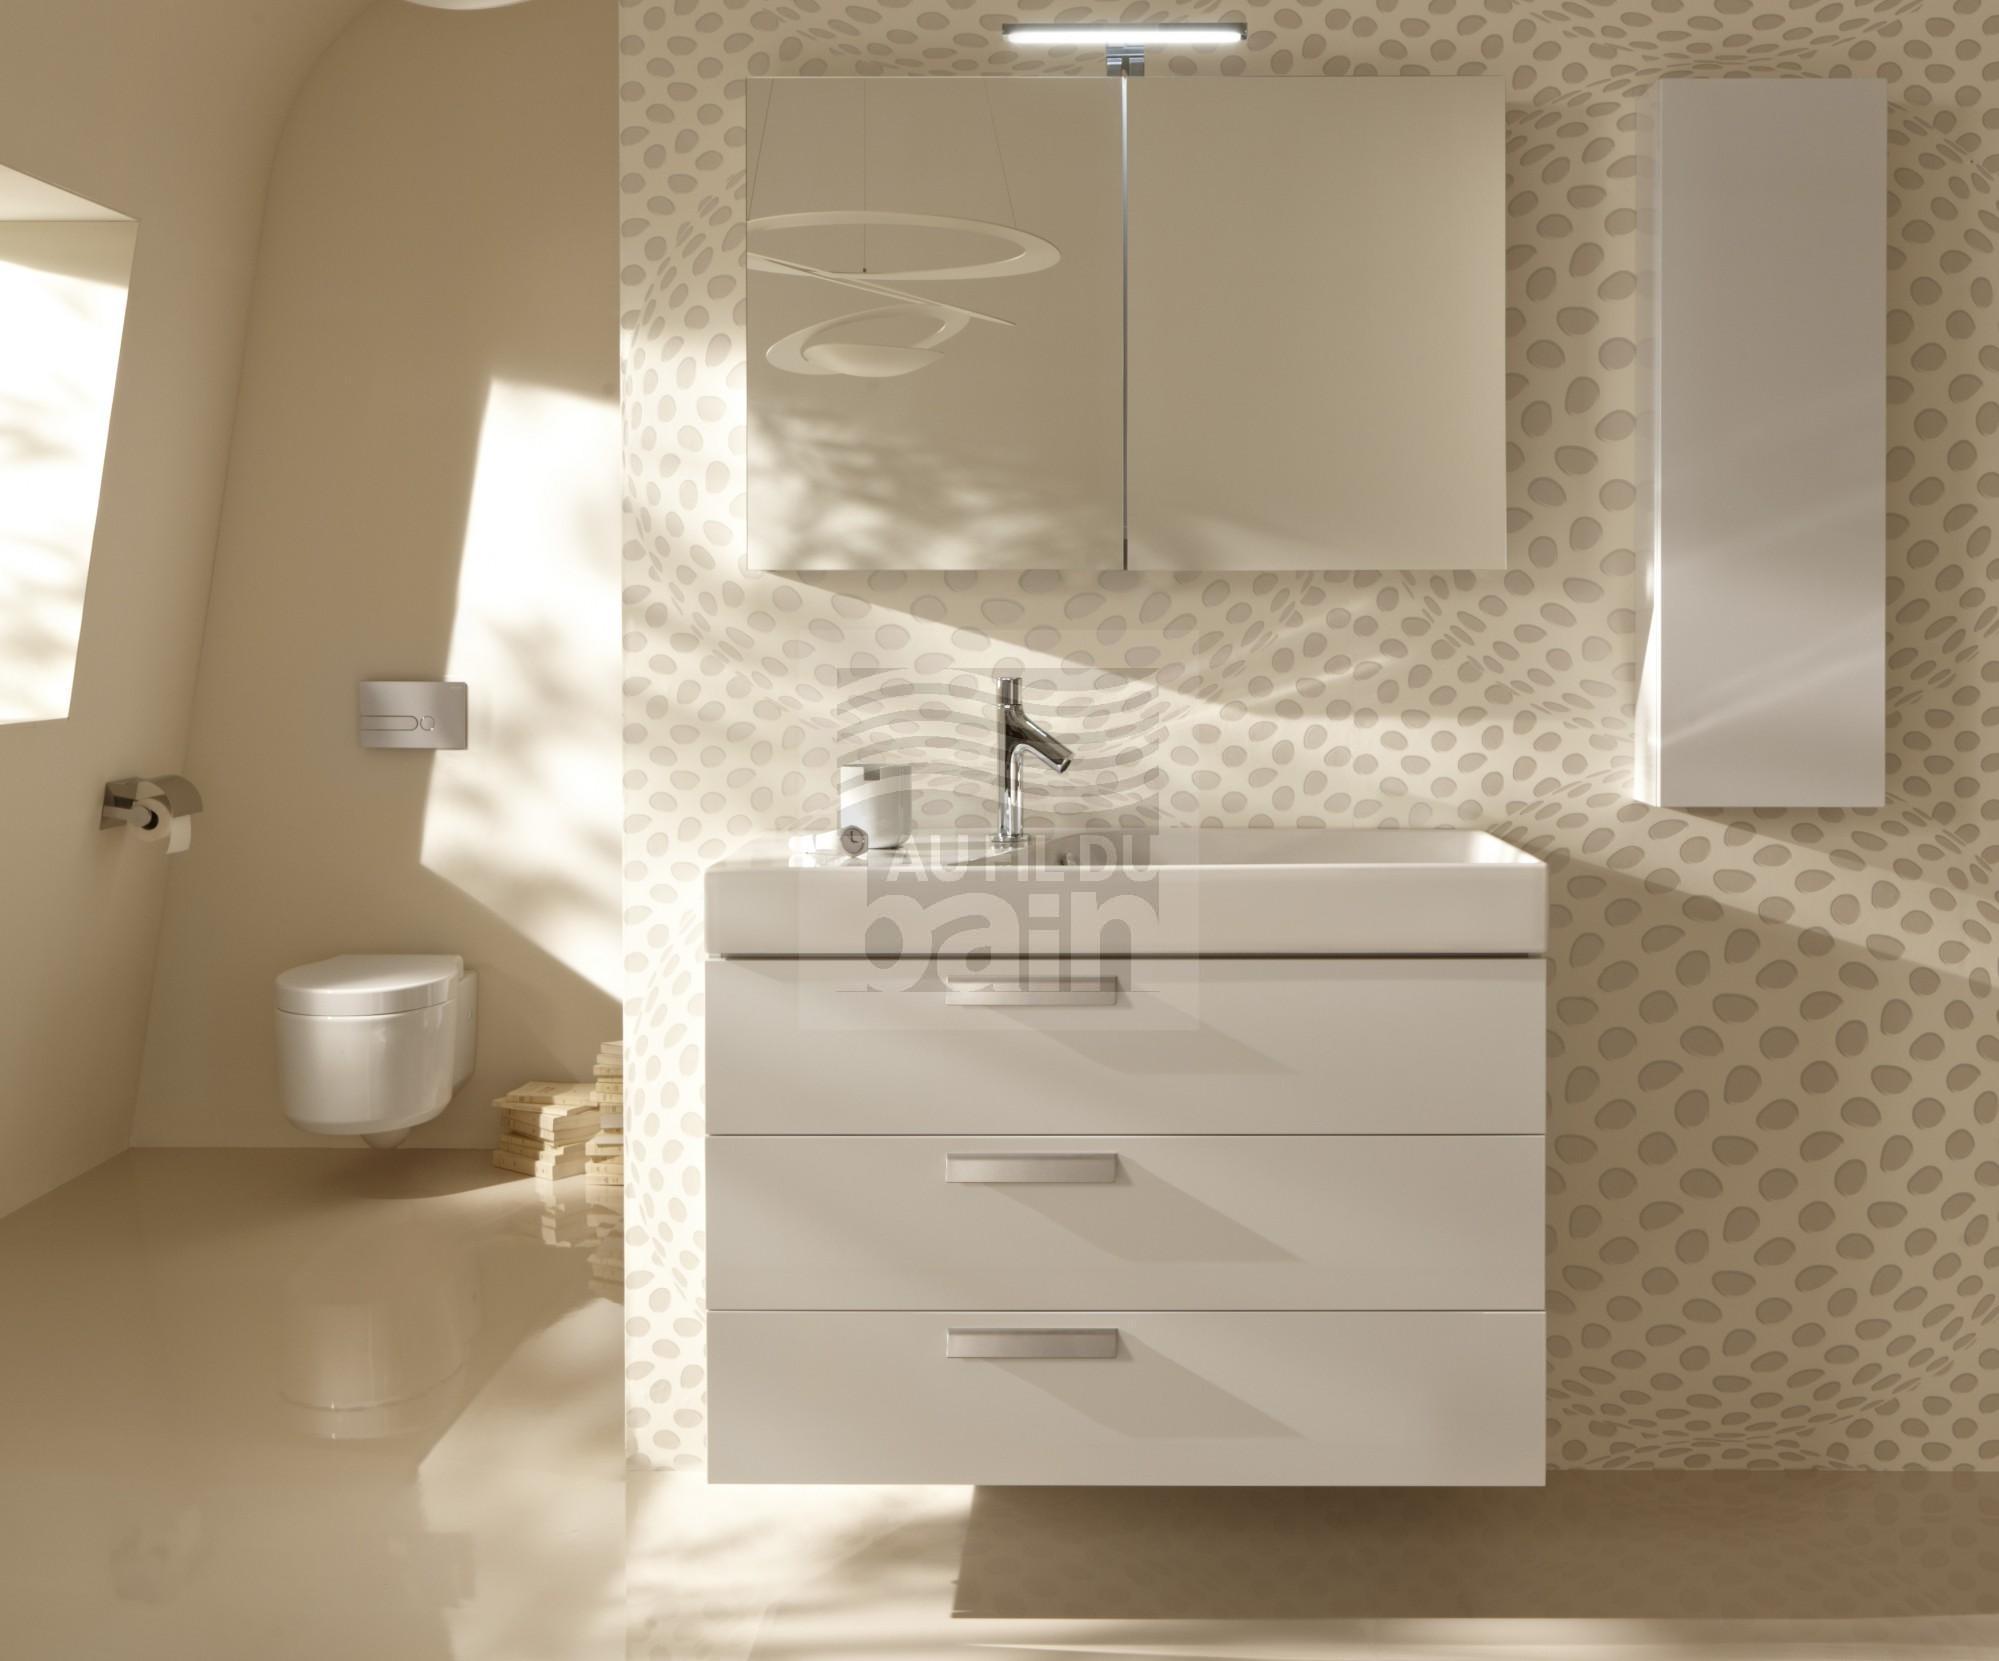 Meubles de salle de bains suspendus simple vasque - Vasque ceramique salle de bain ...